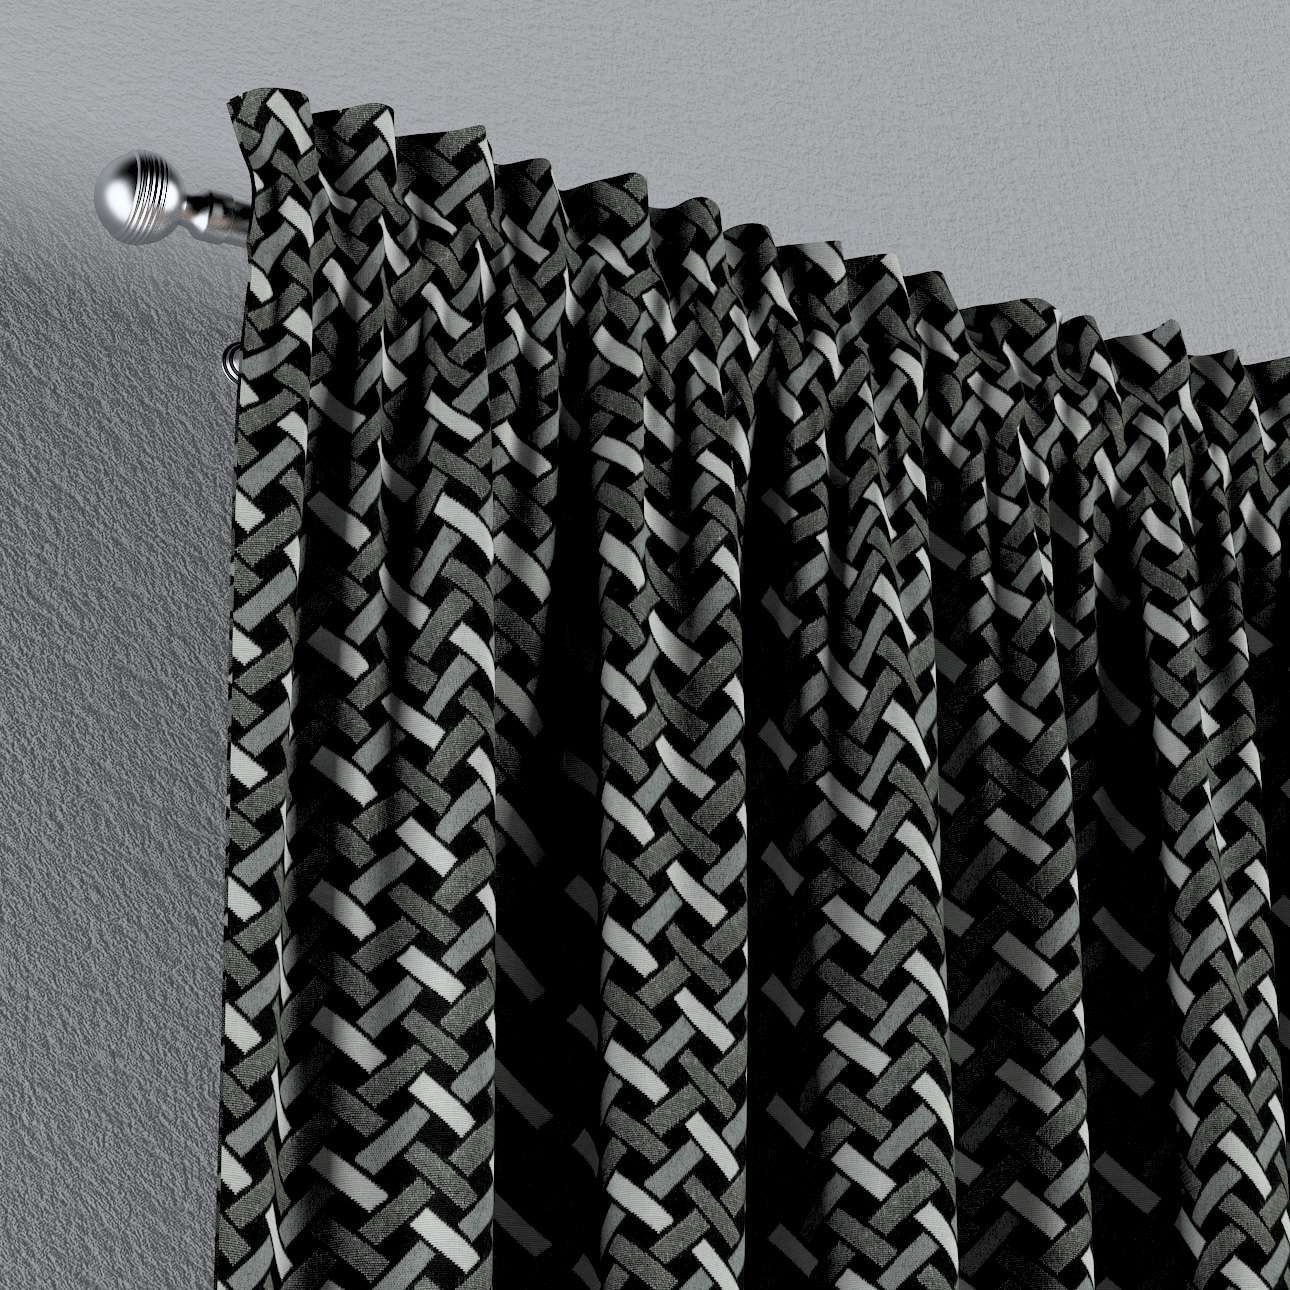 Závěs s tunýlkem a volánkem  v kolekci Black & White, látka: 142-87